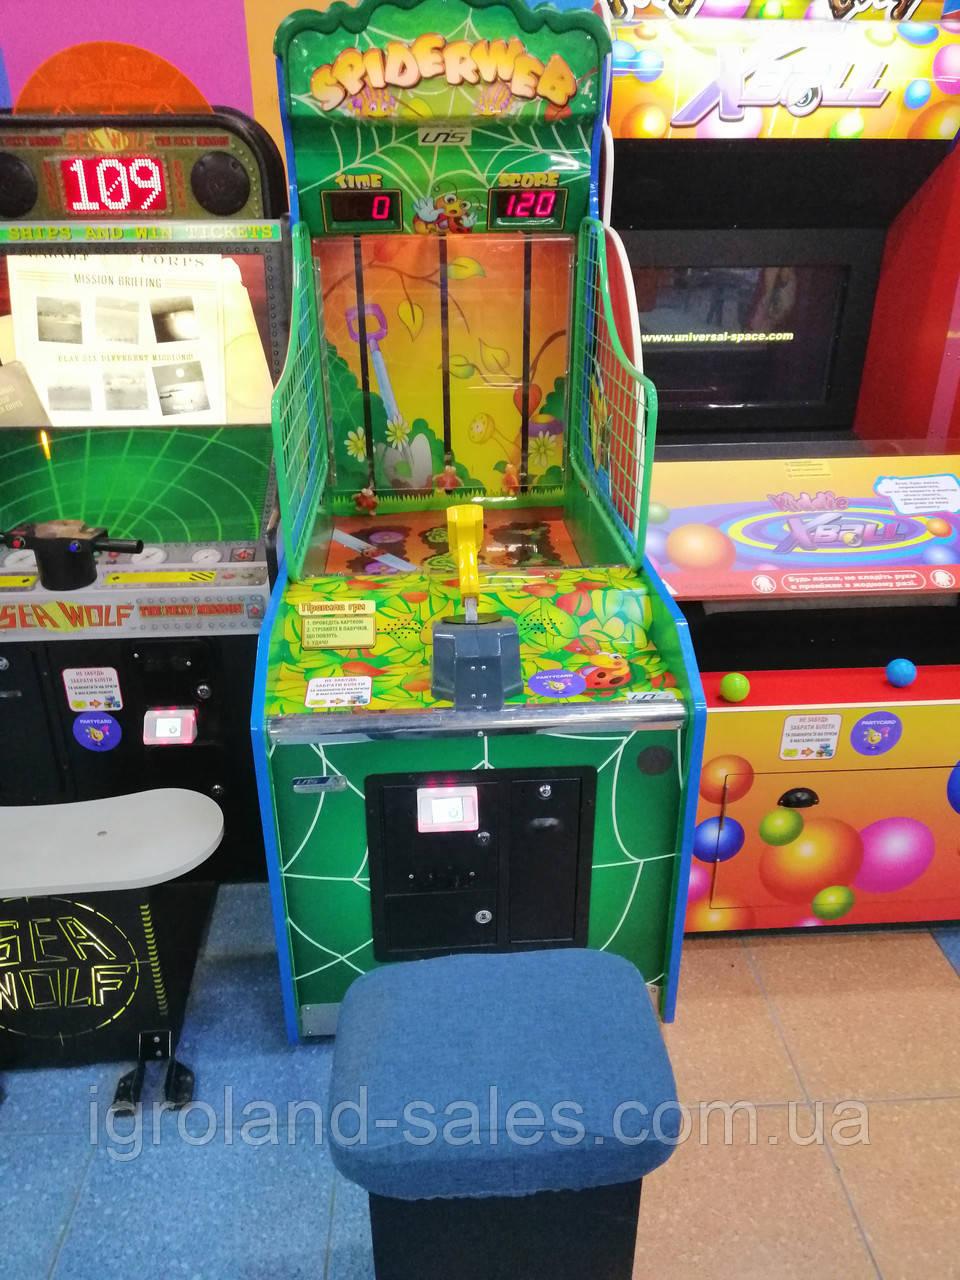 Игровой автомат интернет риа парк детские игровые автоматы